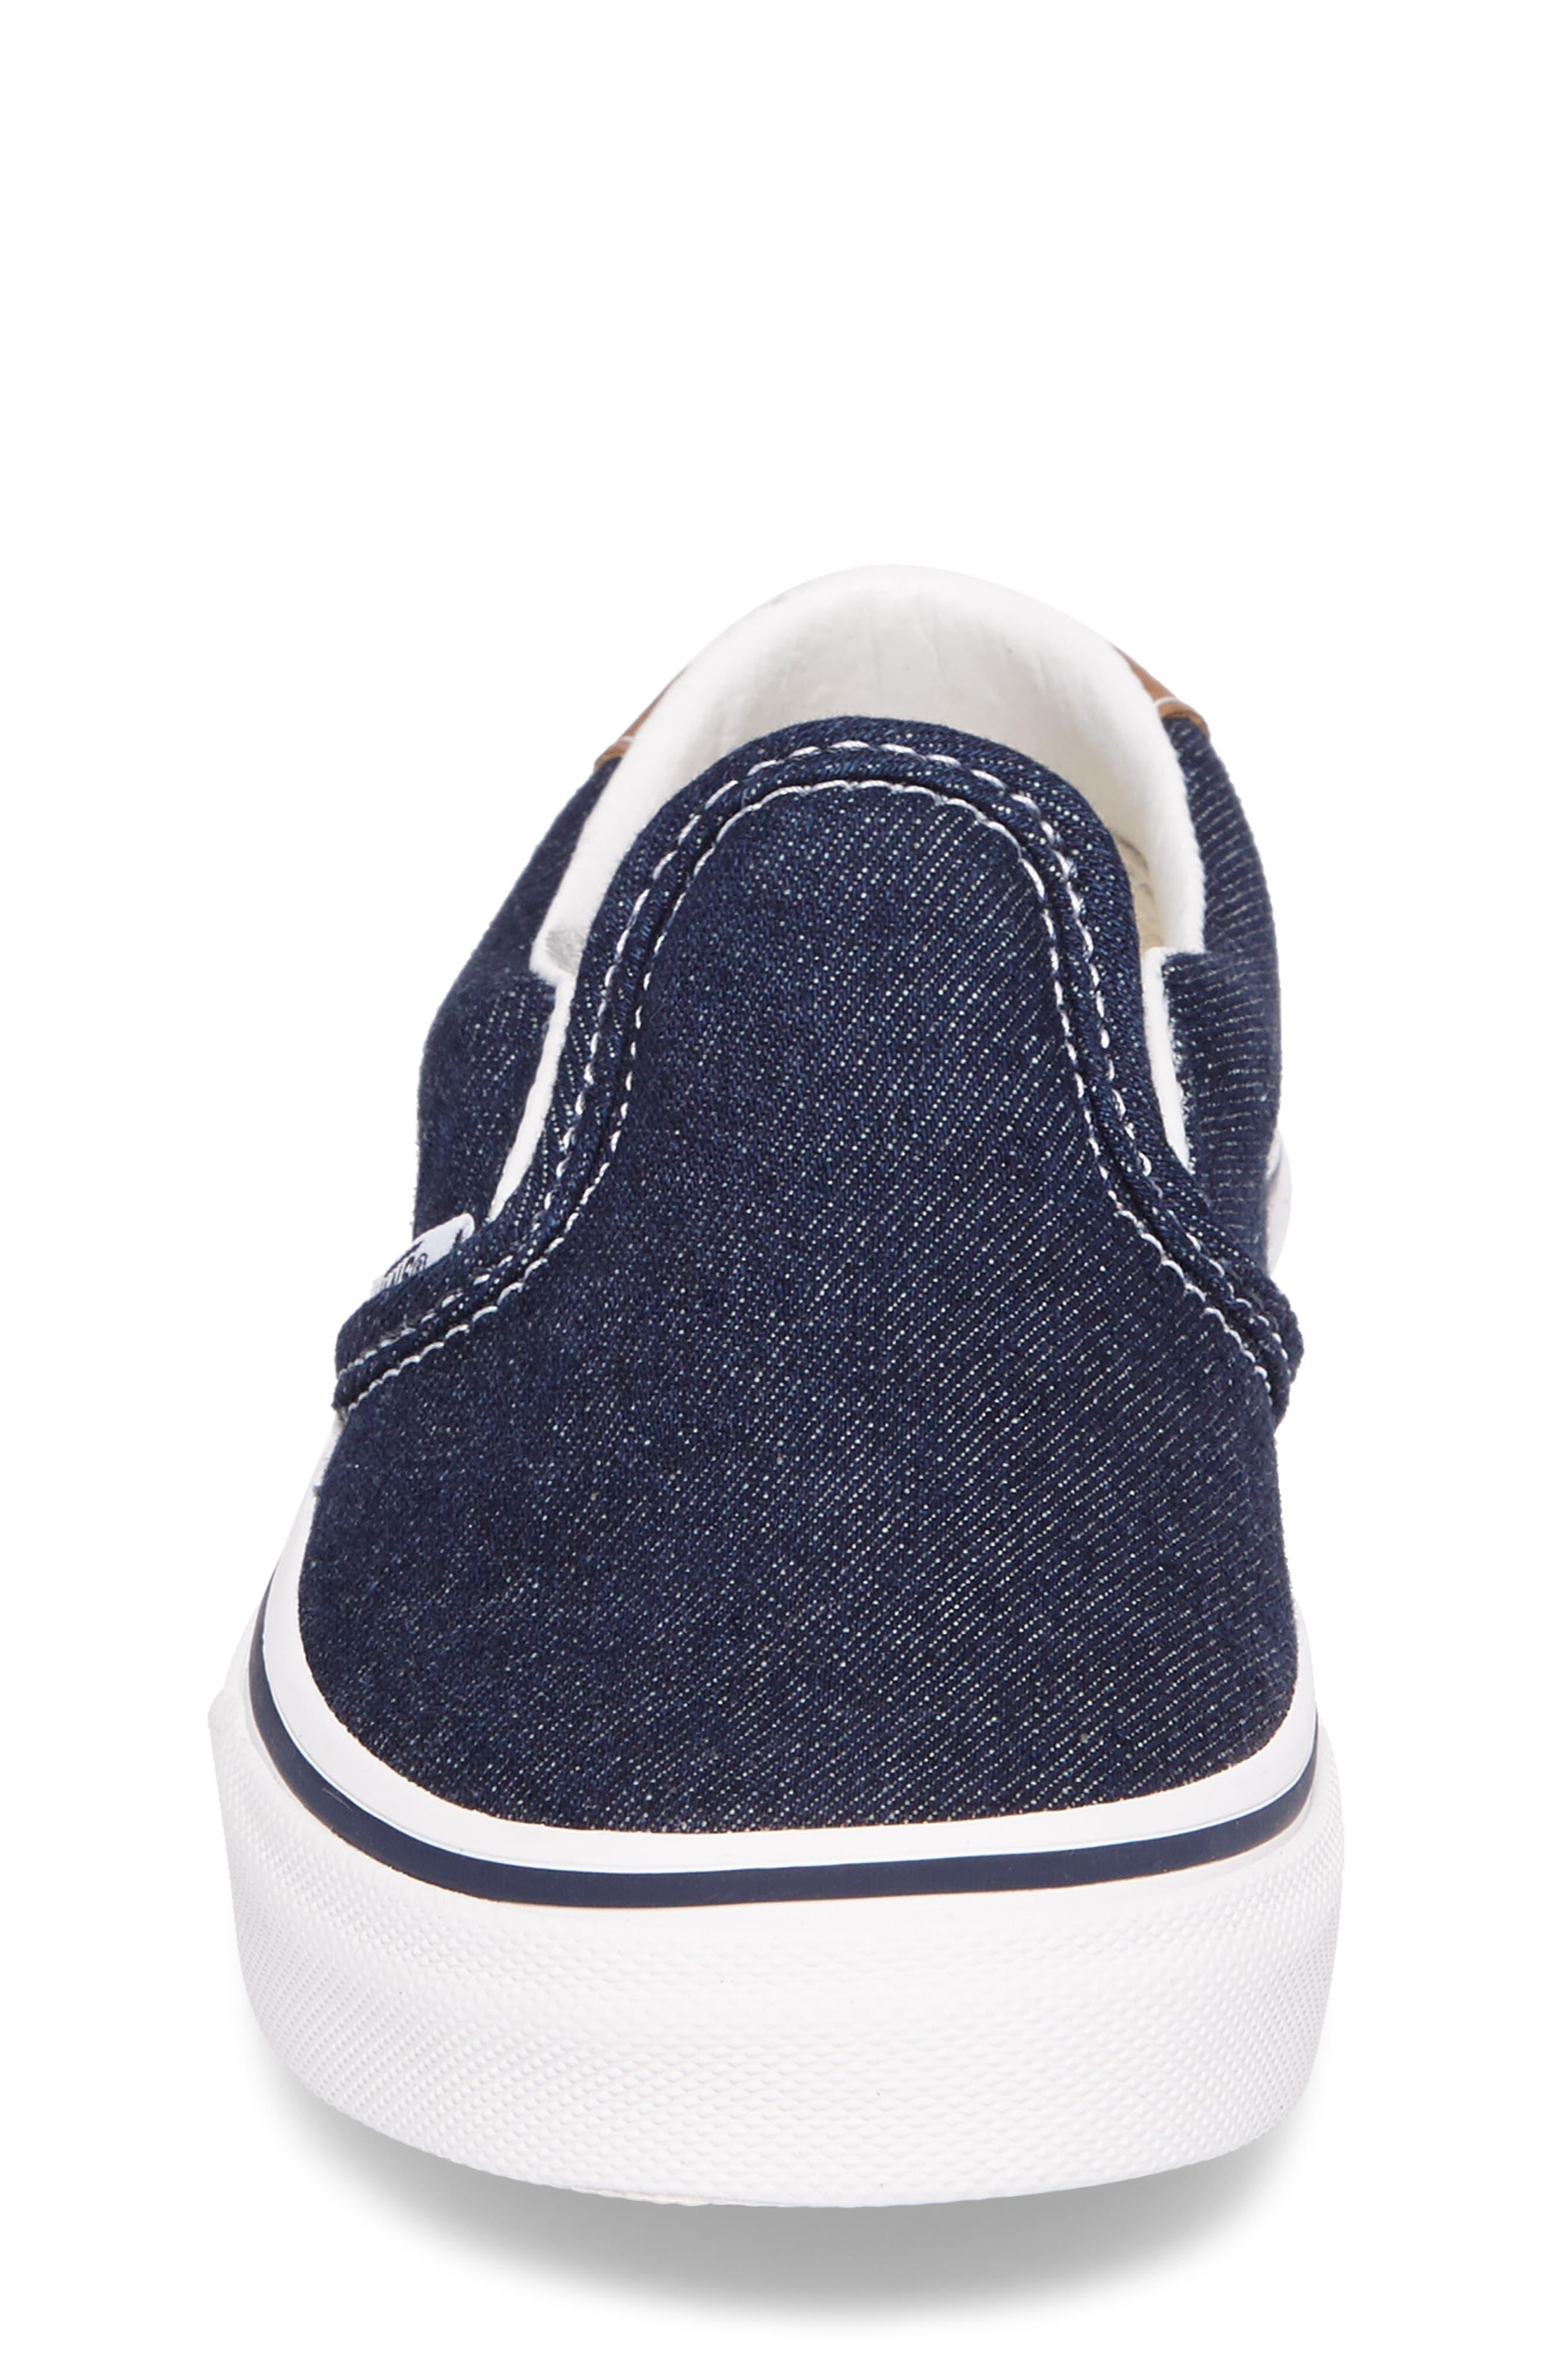 Denim C&L Slip-On 59 Sneaker,                             Alternate thumbnail 4, color,                             420